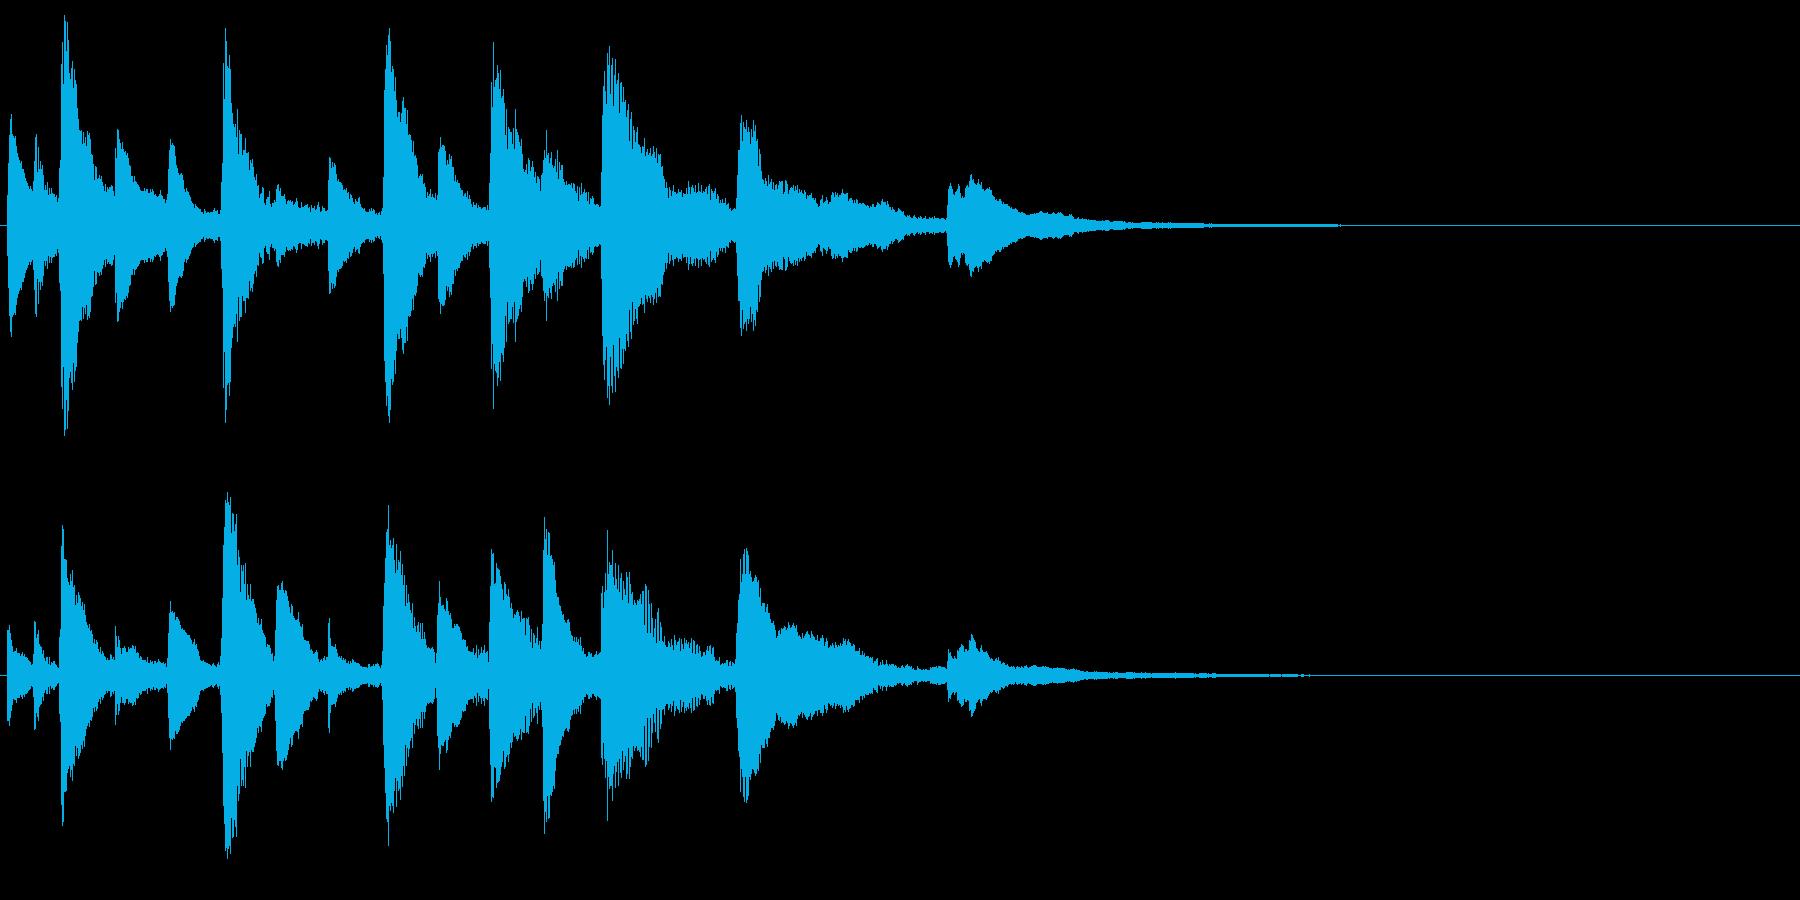 ピアノの楽しいジングル・場面転換の再生済みの波形